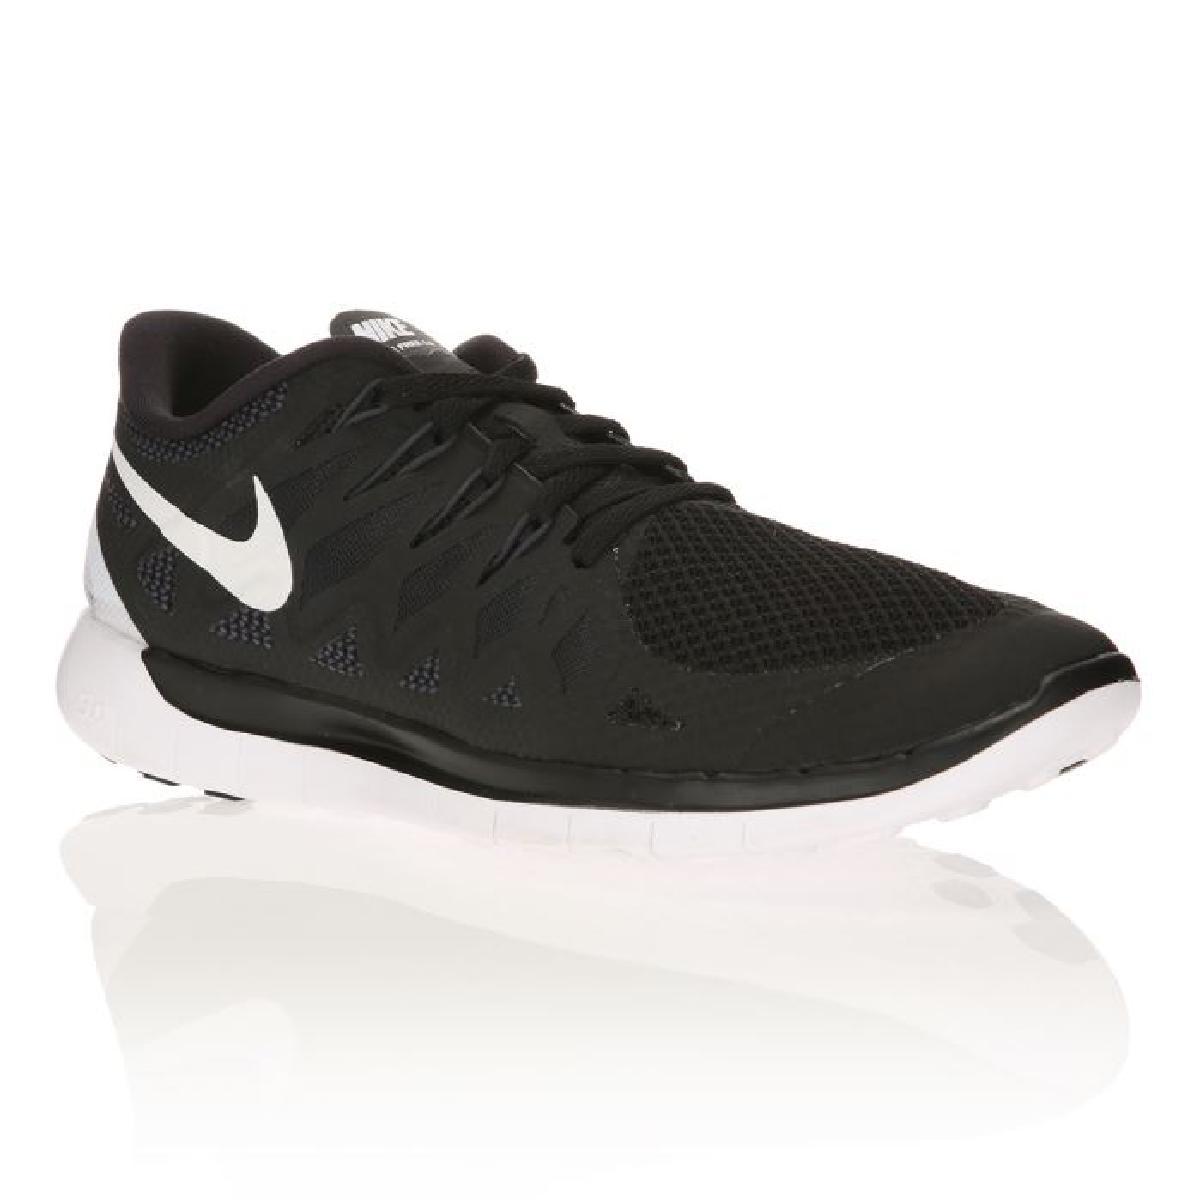 Nike free run 5.0 homme